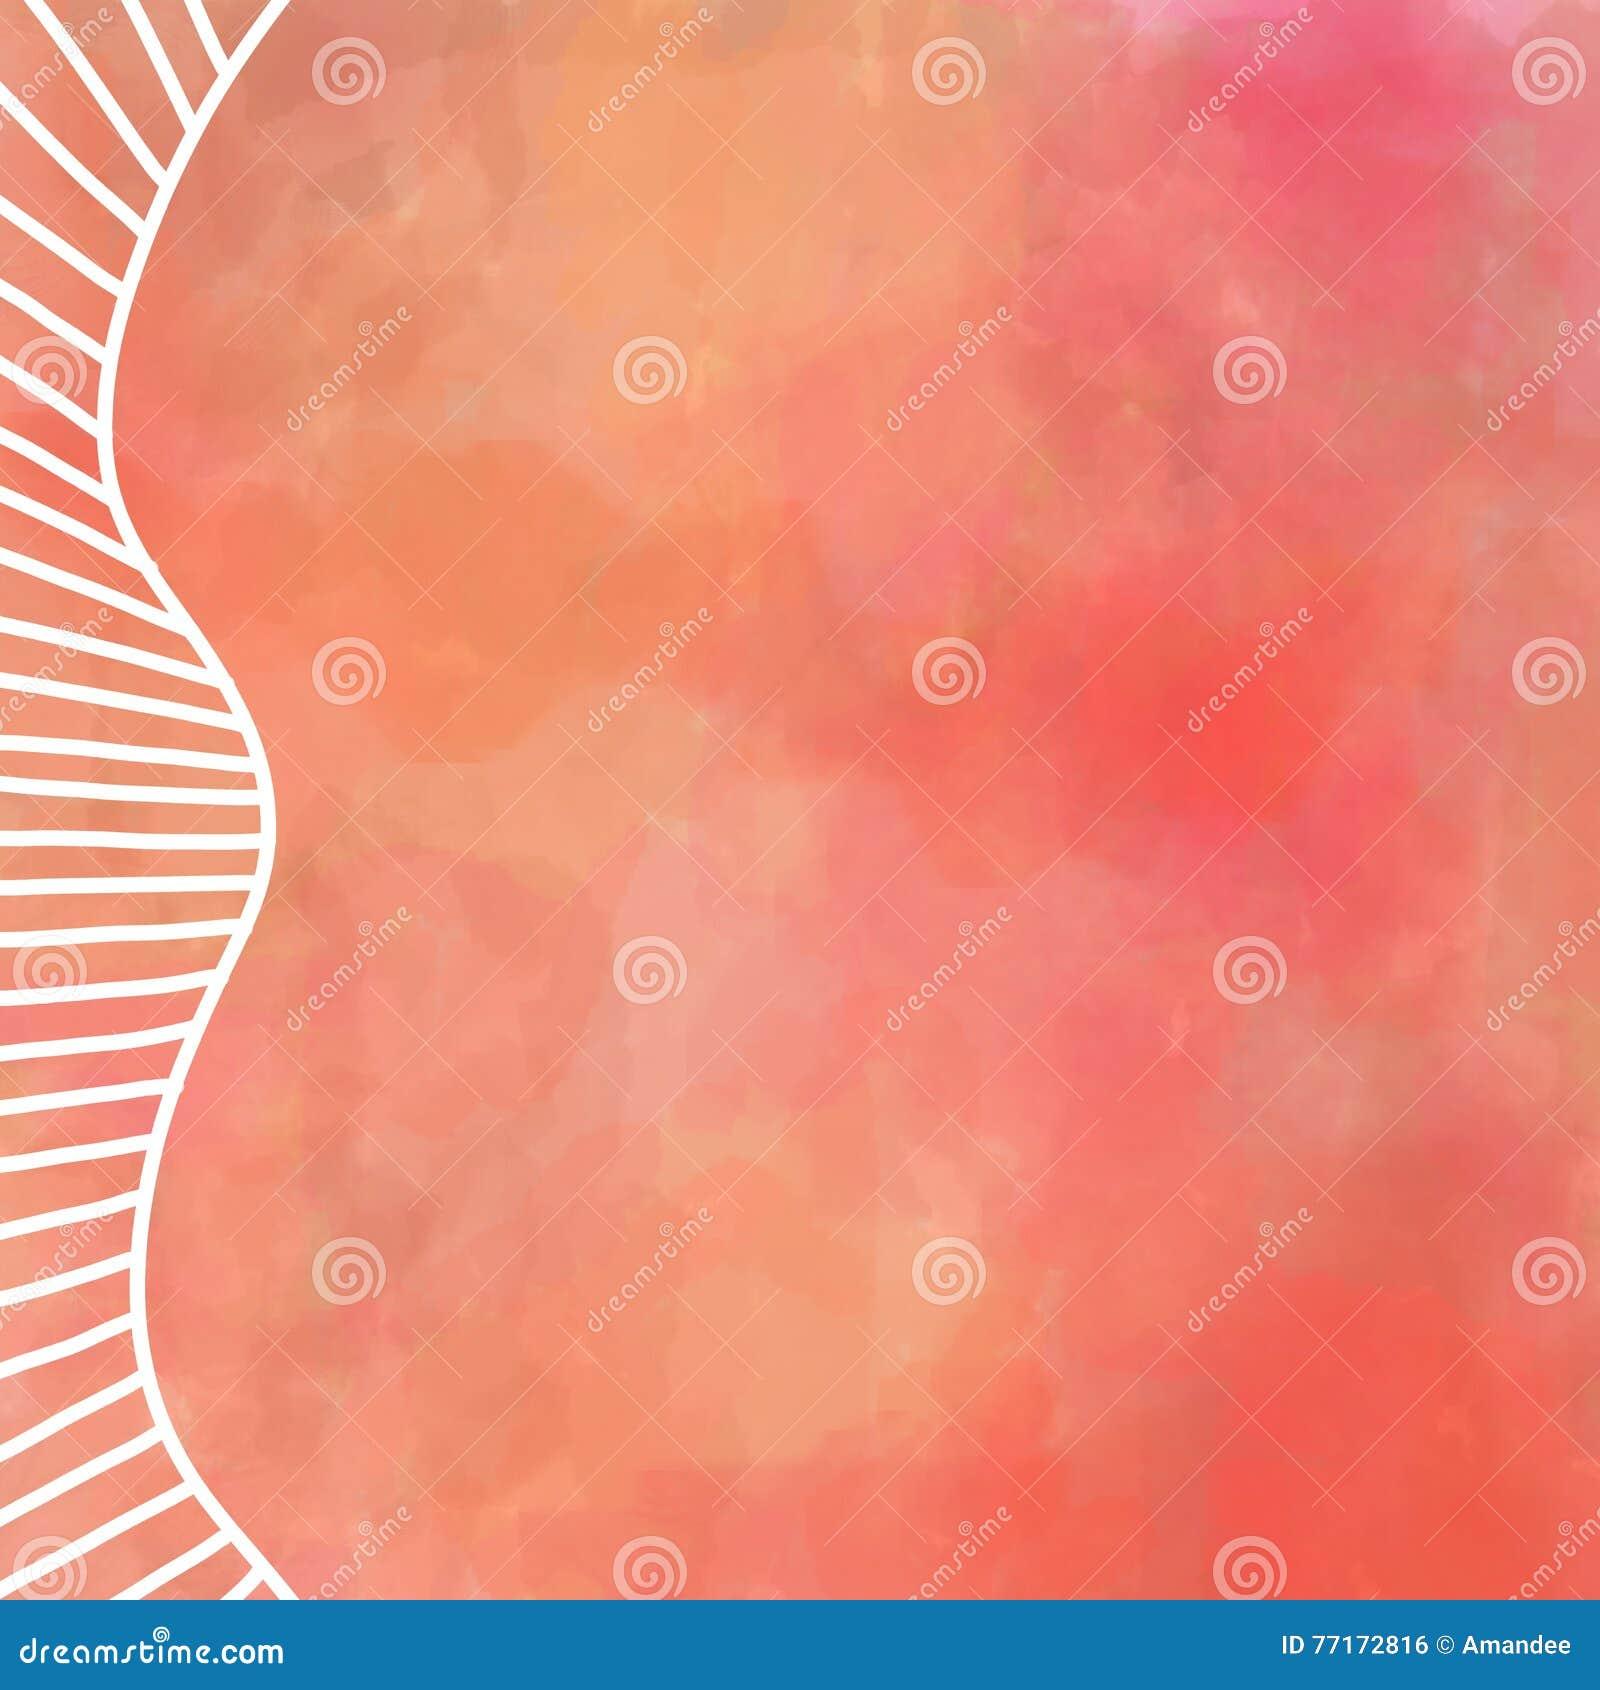 Het digitale waterverf schilderen in warme de herfstkleuren van oranjerood en geel met wit grensontwerp van rechte en gebogen lij